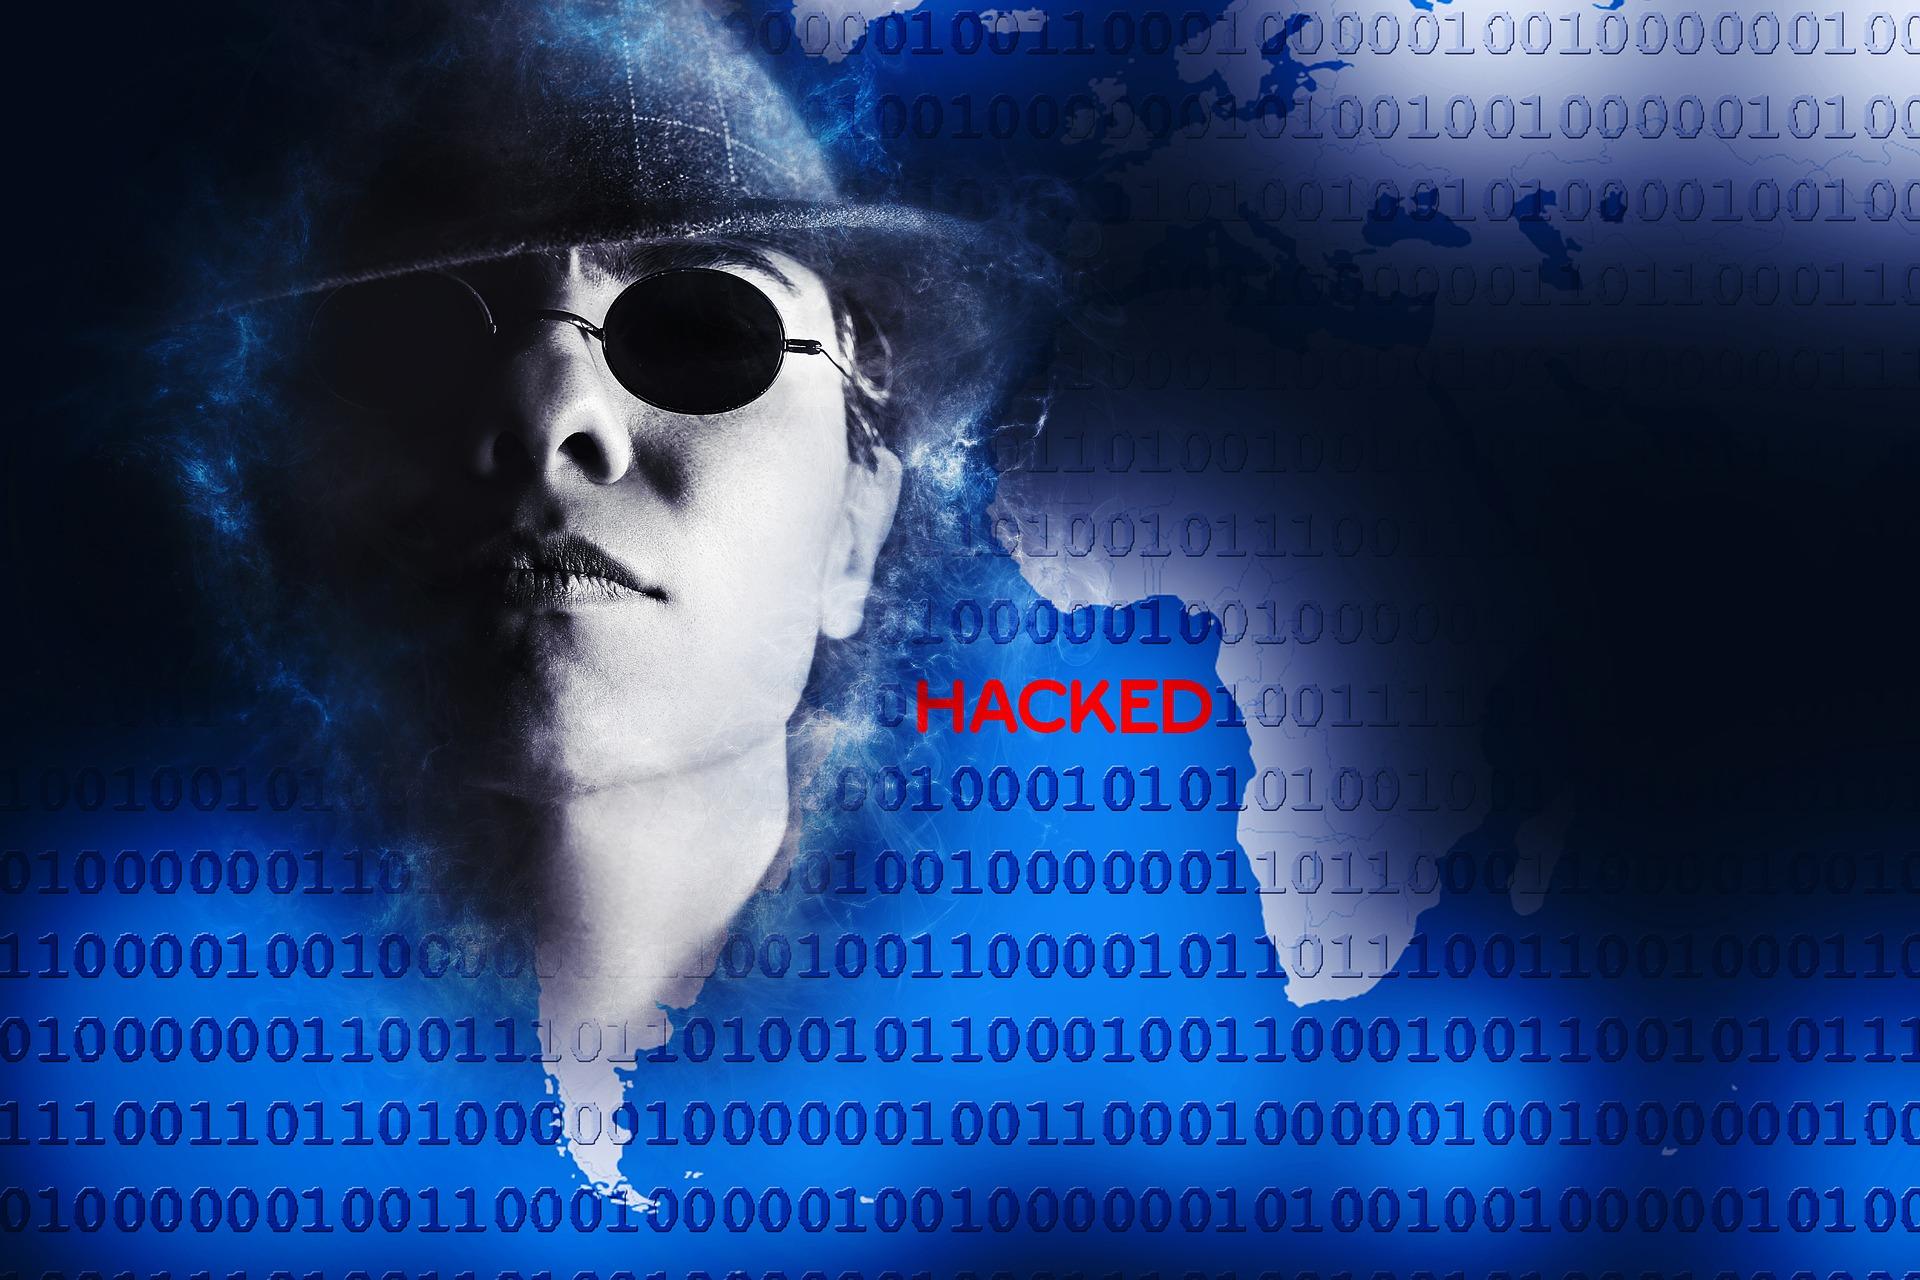 adathalászat, phishing, adatbiztonság, adatvédelem, informatikai biztonság